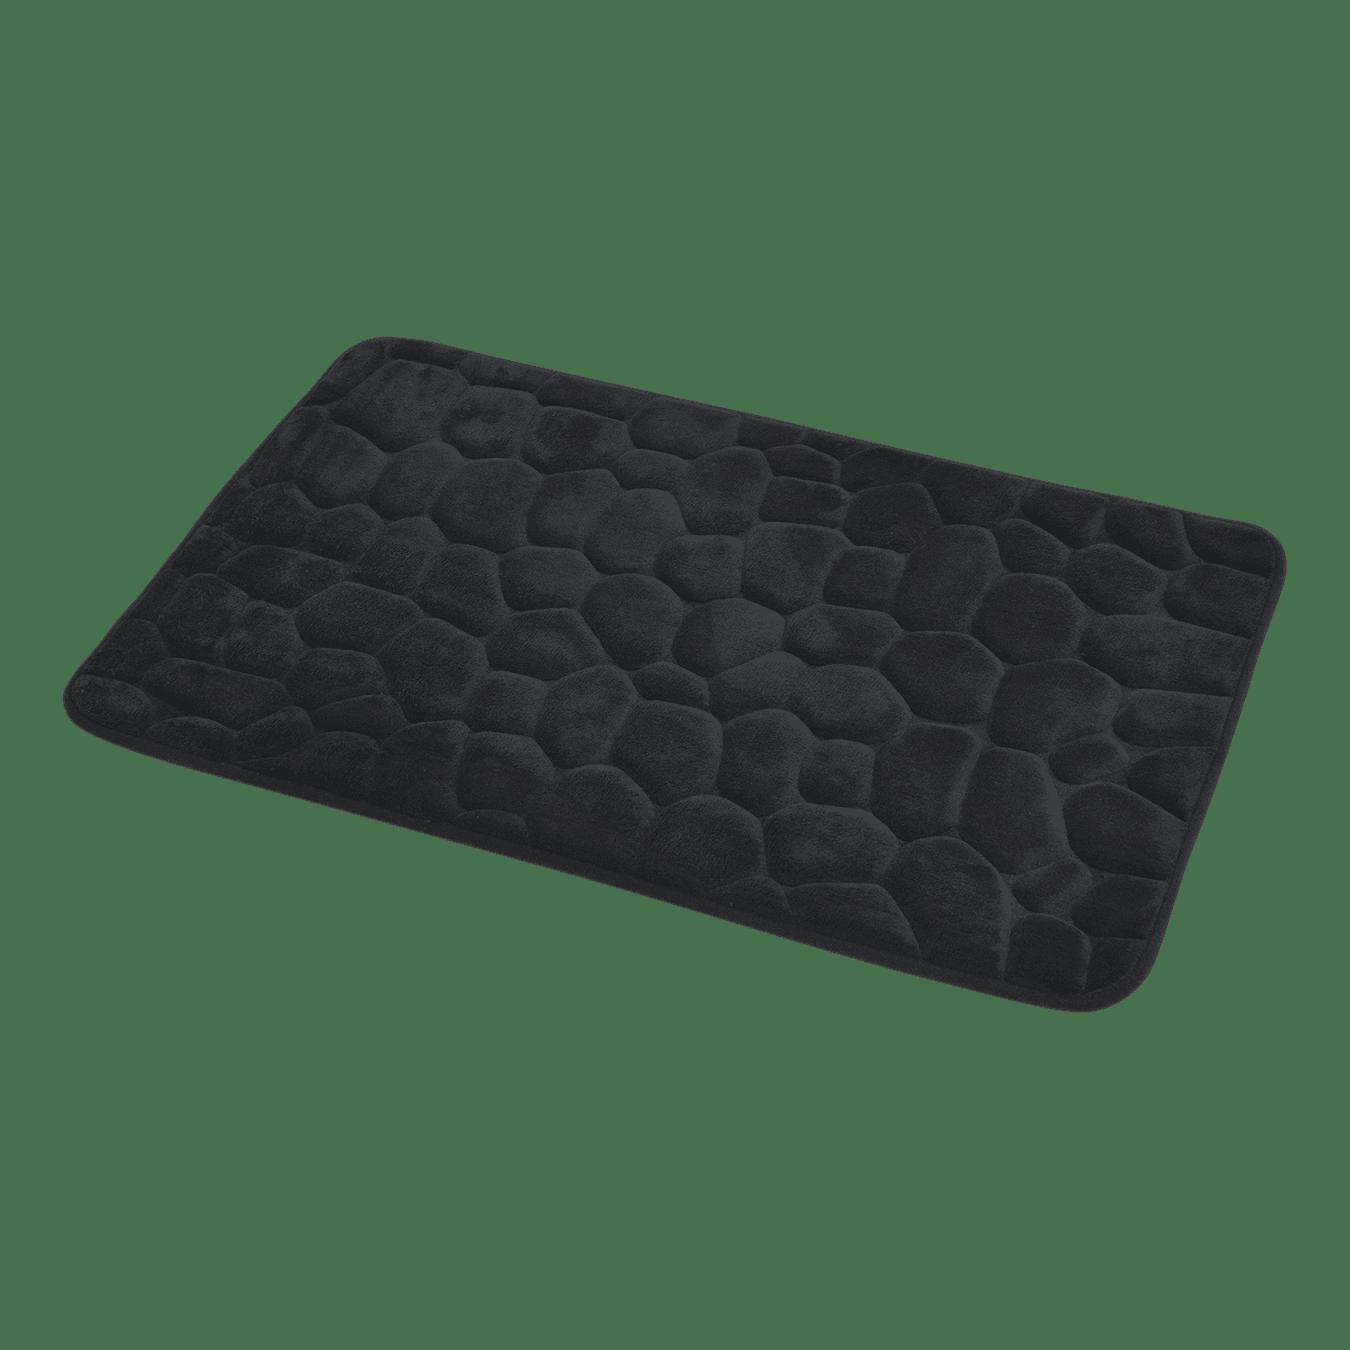 4goodz Pebbles zachte Traagschuim Badmat - douchemat 50x80 cm - Zwart